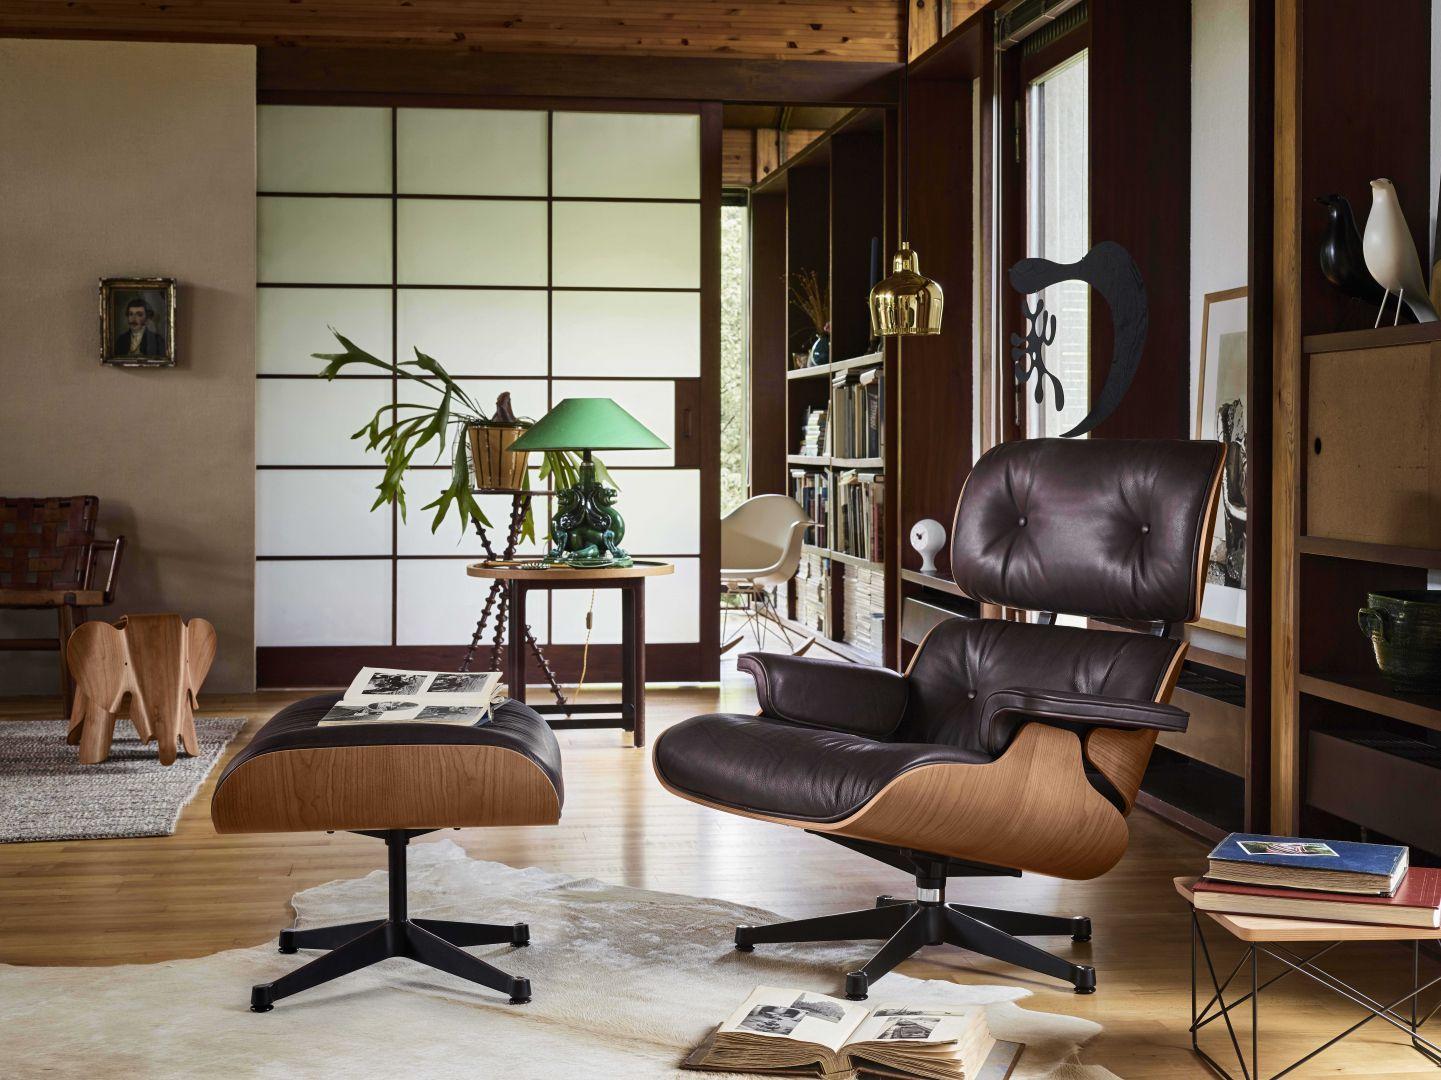 Wohnzimmer inspiratiefoto met Vitra Acties